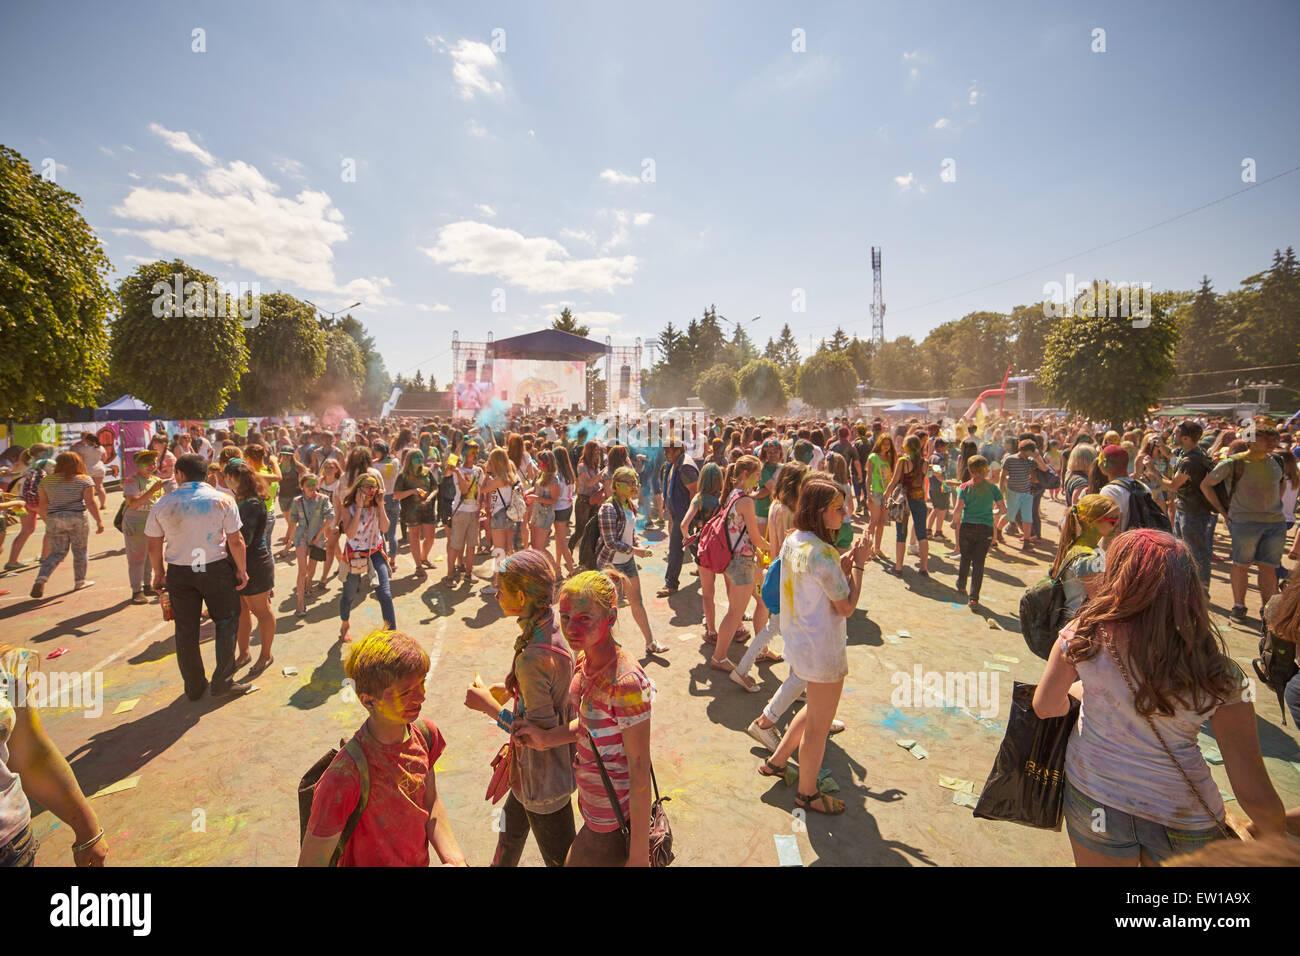 Kaliningrado, Rusia - Junio 12, 2015: la gente con sus caras pintadas durante el festival de Holi de colores Imagen De Stock